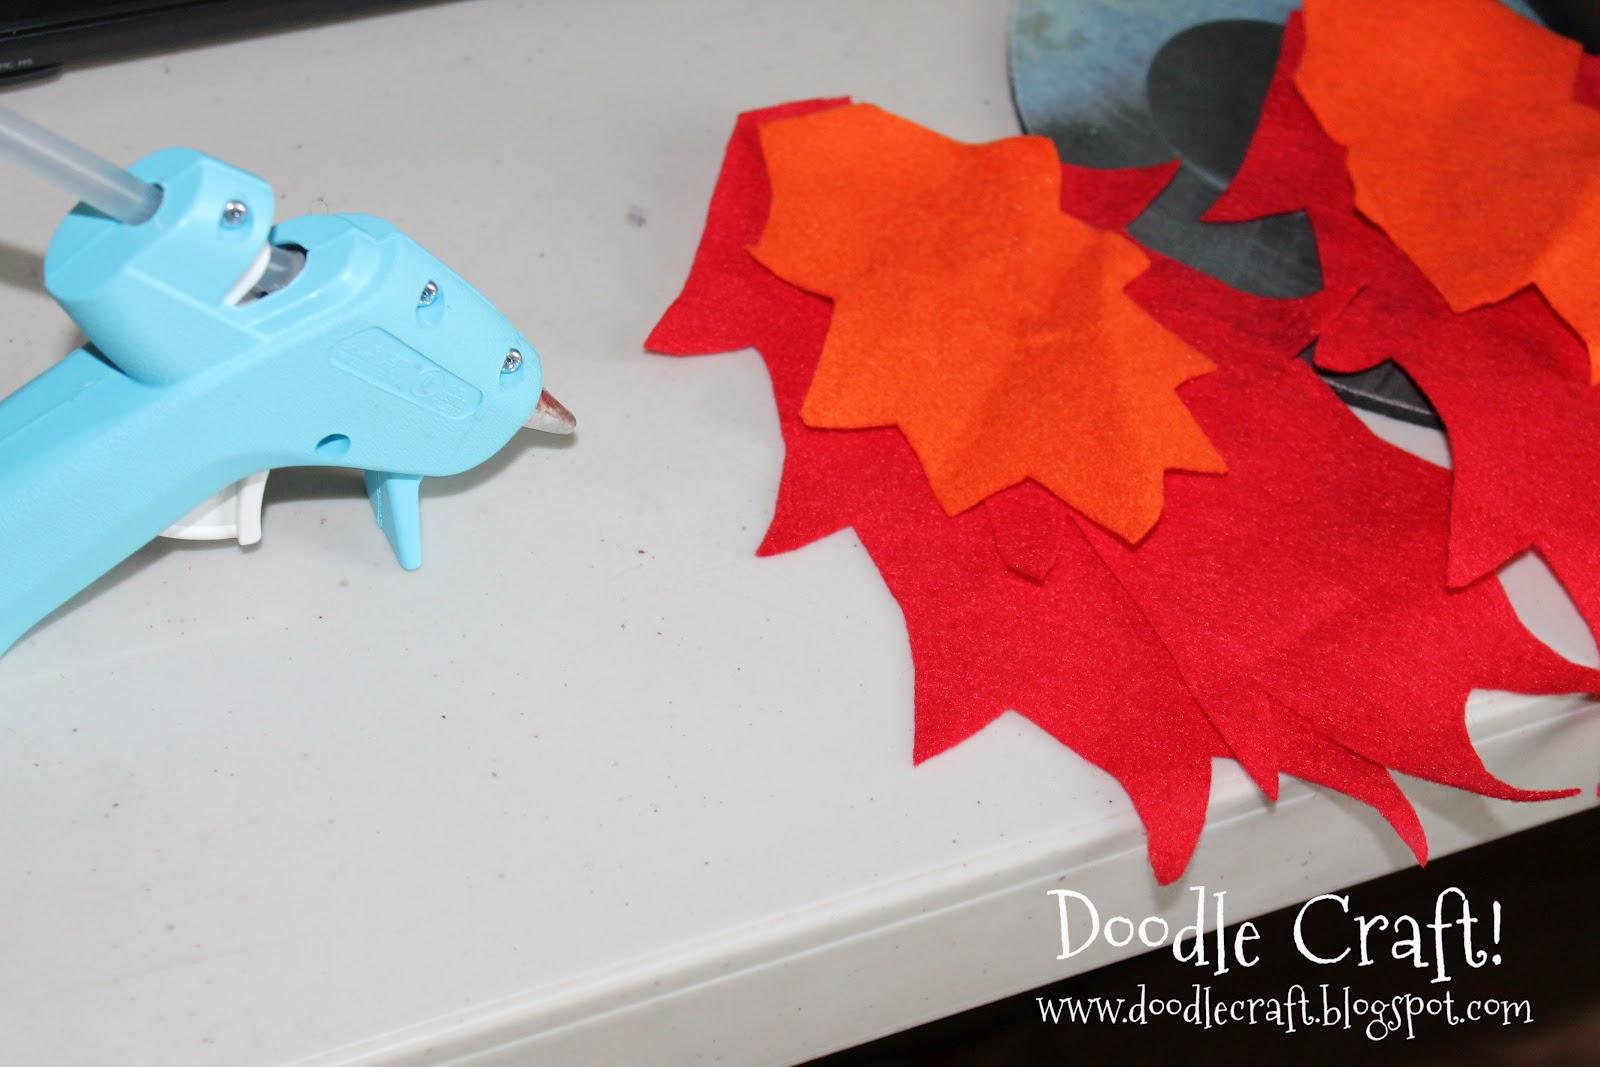 Excepcional Faça Você Mesmo (DIY): Mochila a Jato feita com Garrafa PET  HZ79